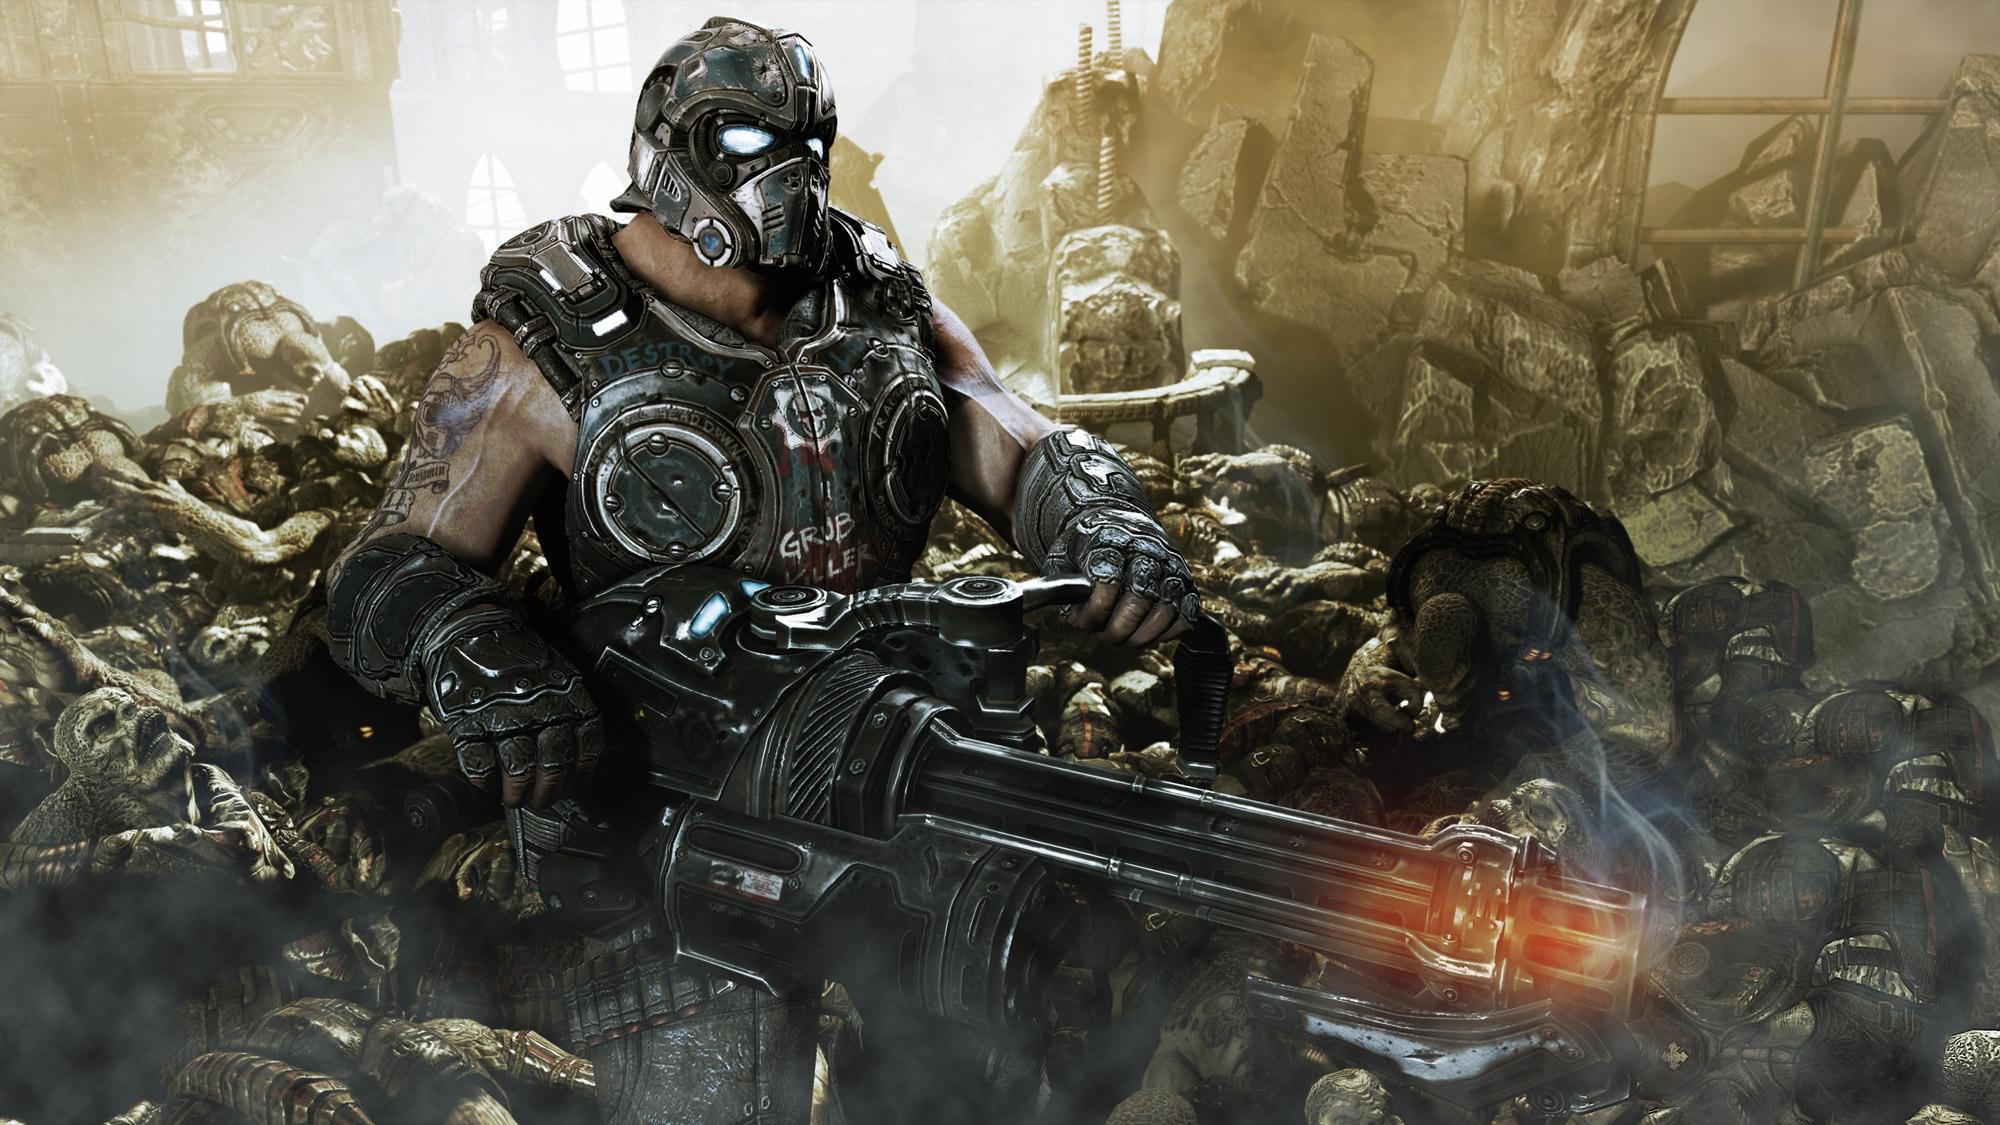 gears of war wallpaper A1